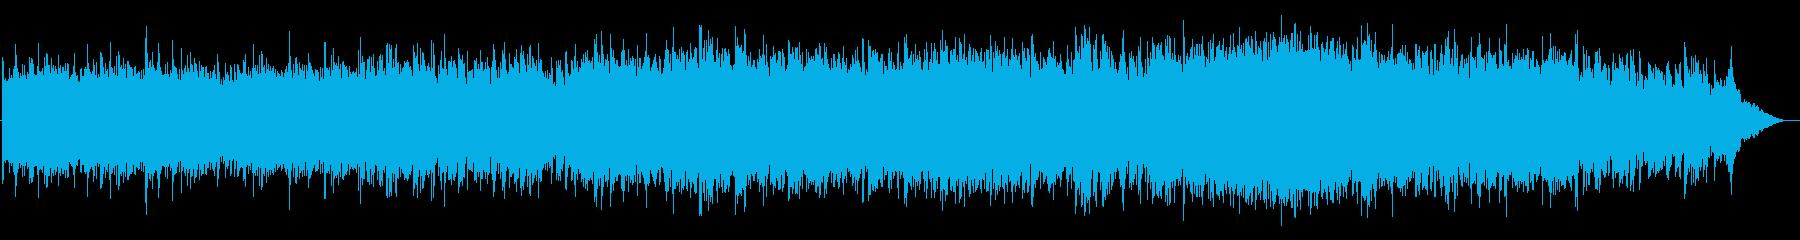 室内楽 クラシック交響曲 ポジティ...の再生済みの波形